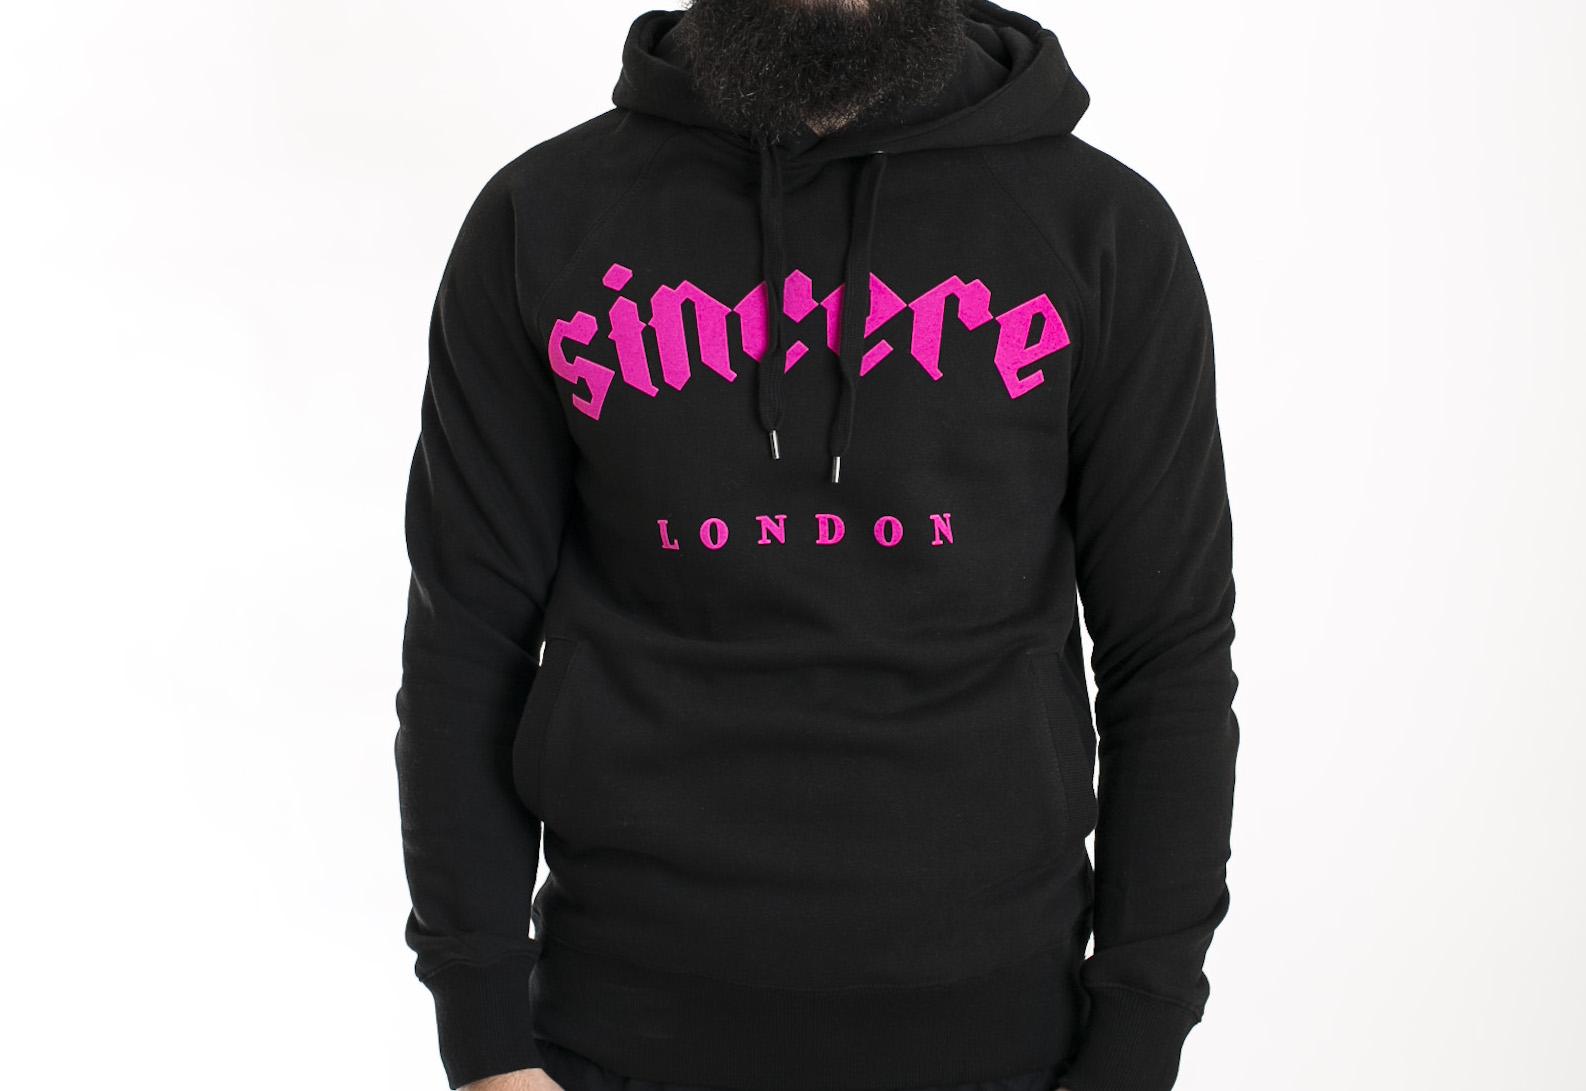 Sincere London